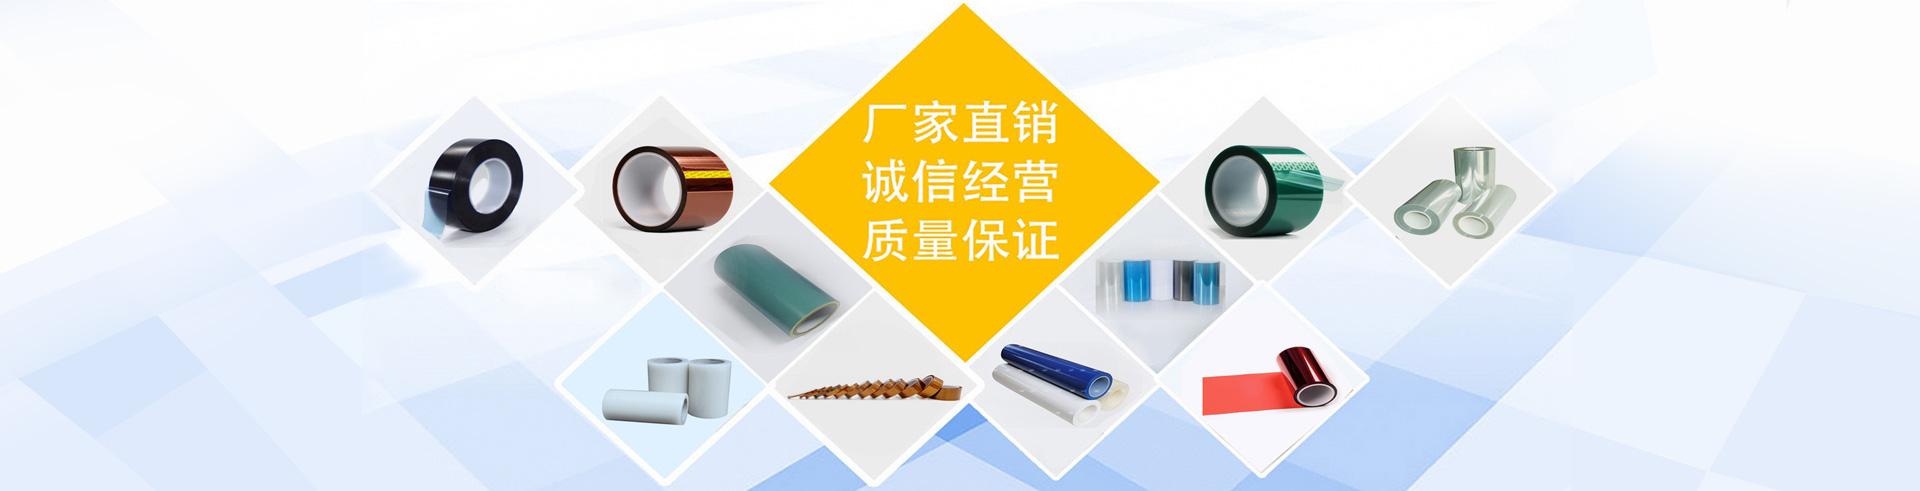 惠州联茂新材料有限公司